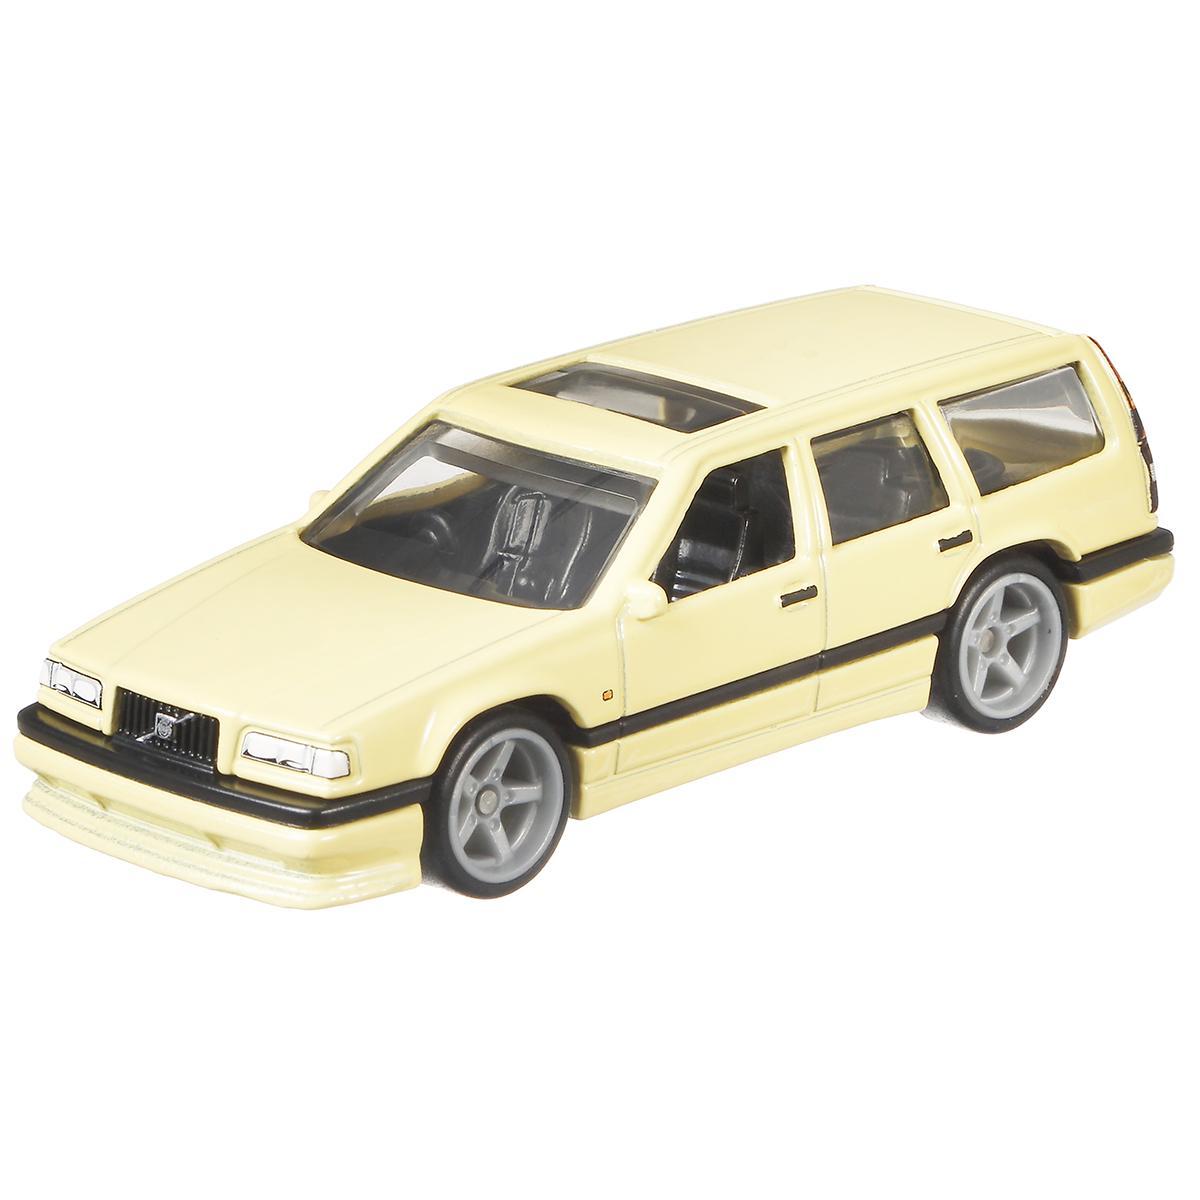 ホットウィール最新作! 高性能ワゴン車をラインアップした「ファスト・ワゴン」が3月下旬より発売